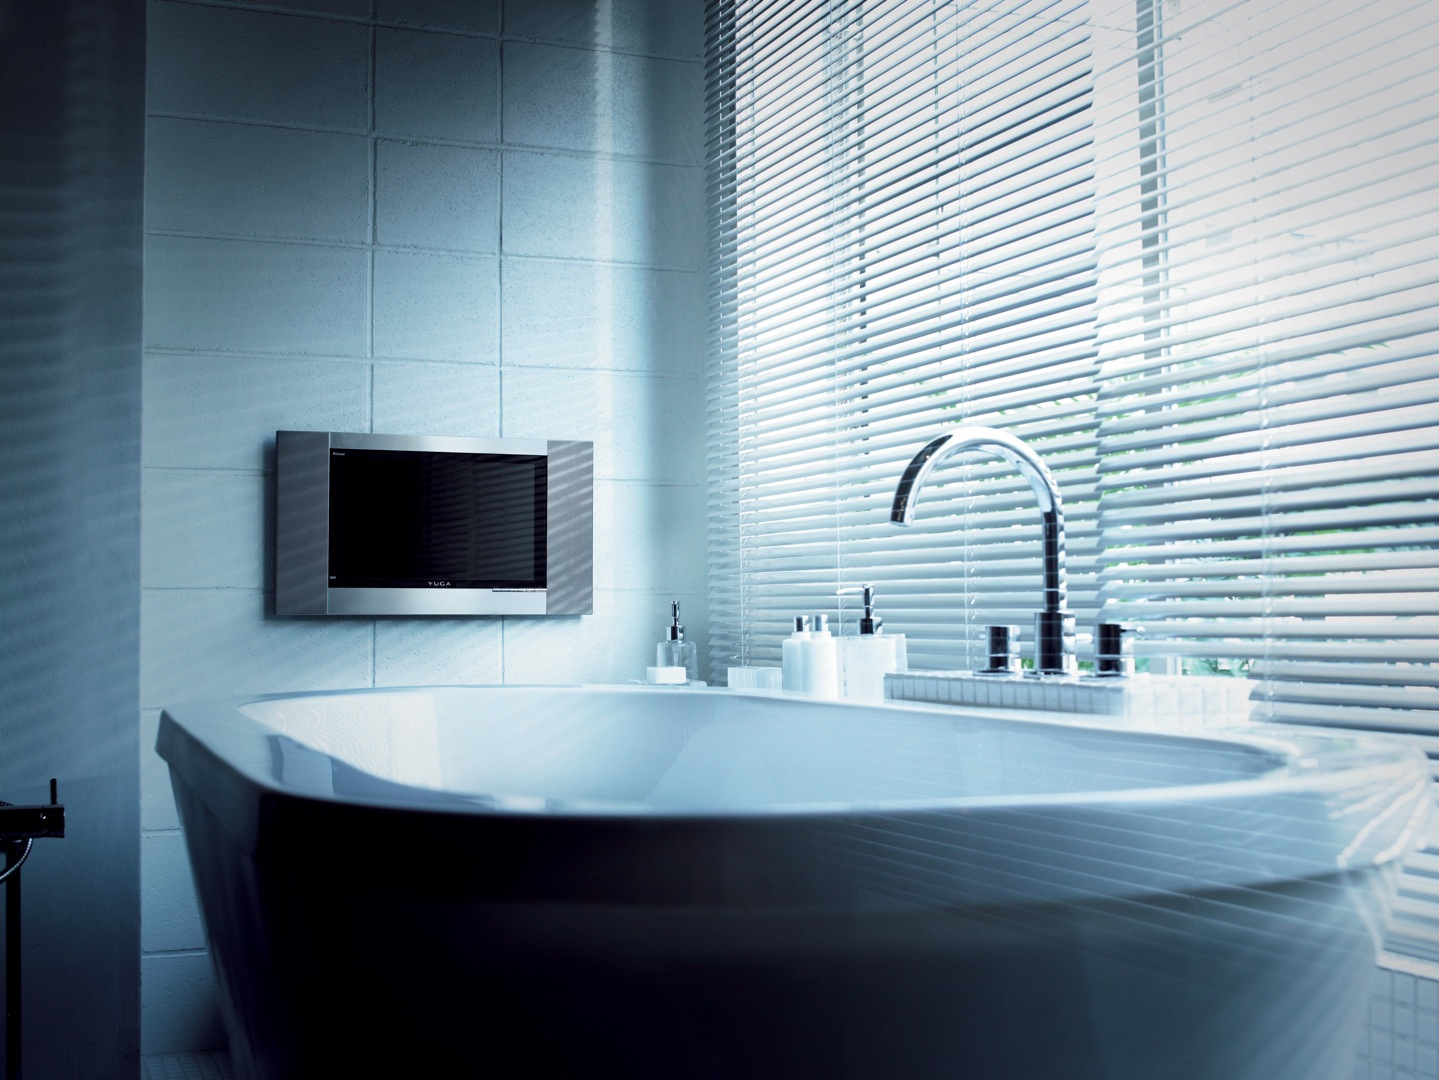 お風呂で、半身浴をしながら、テレビを視聴するのもいいものです!のサムネイル画像